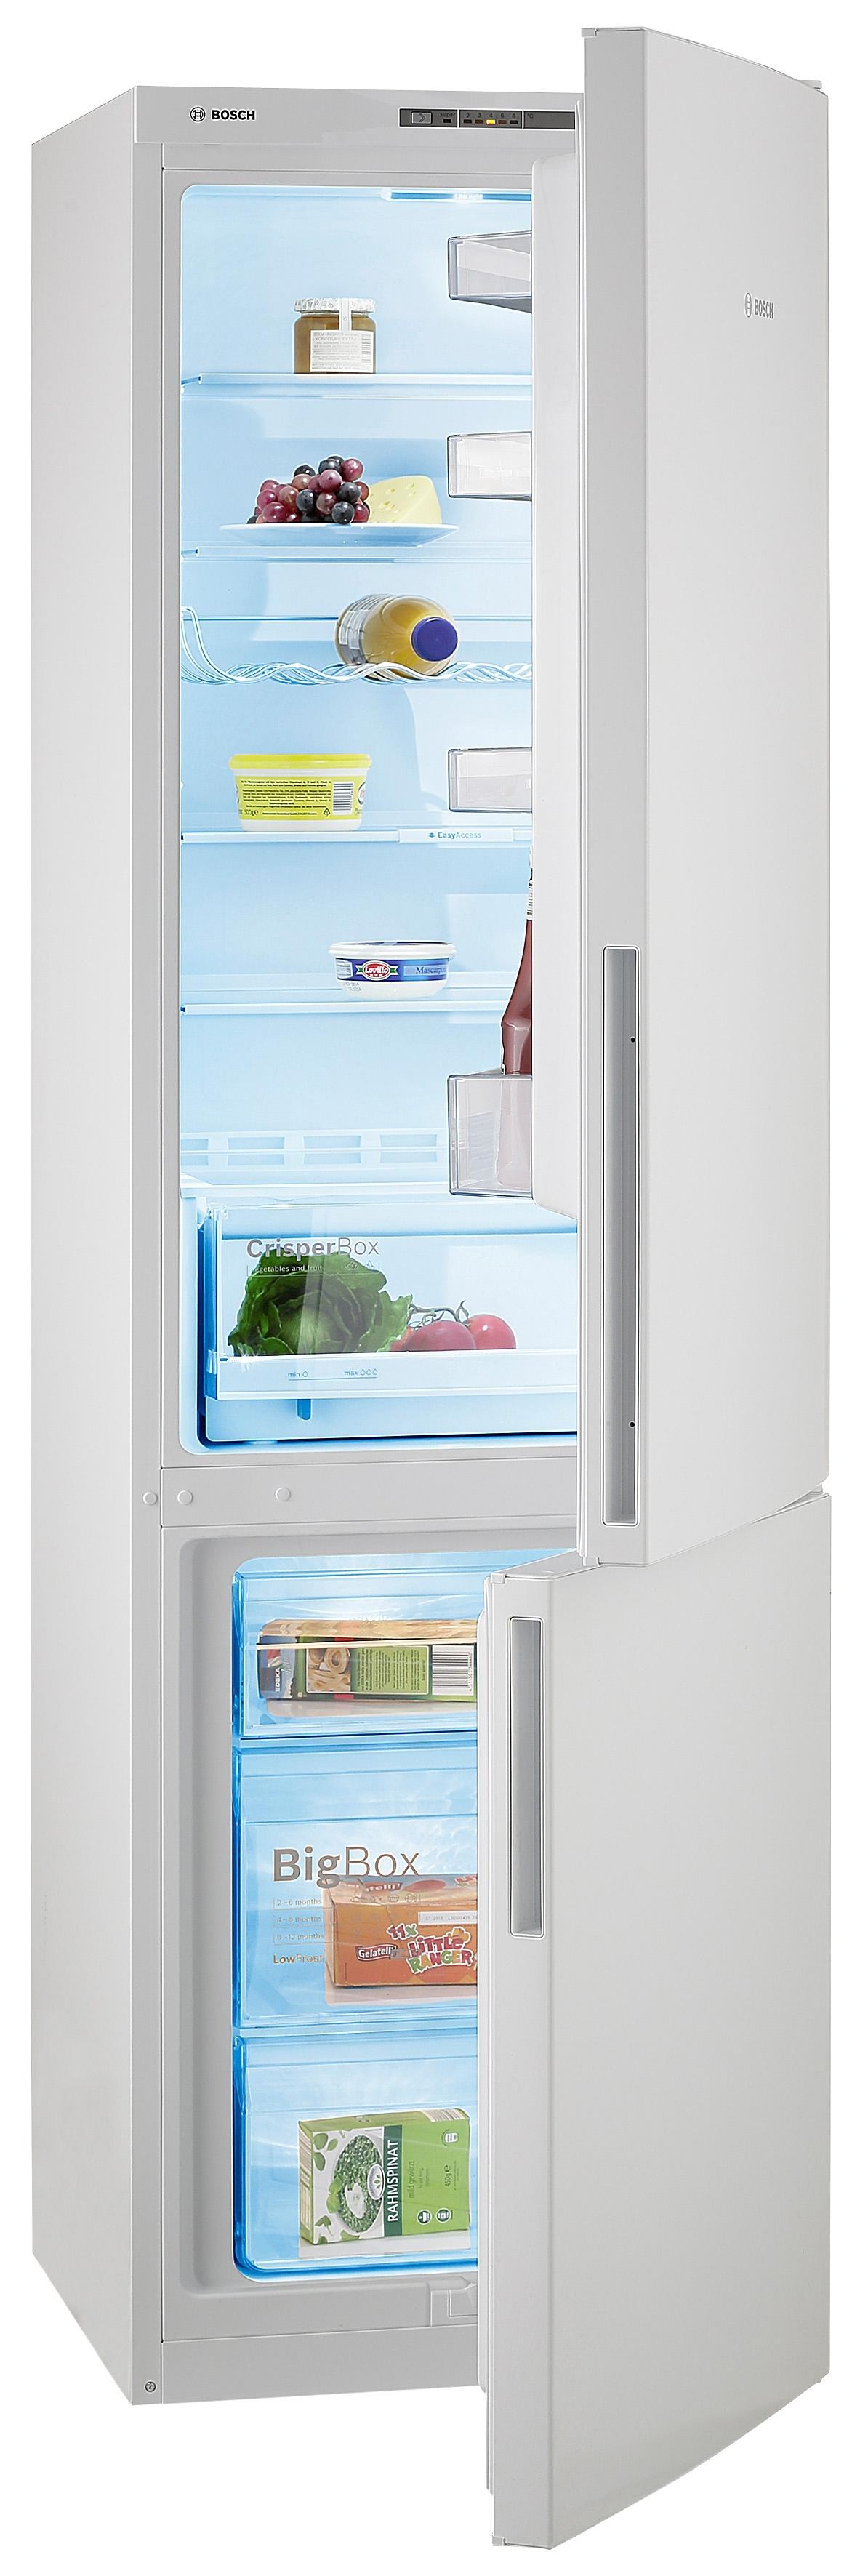 Bosch koel-vriescombinatie KGV39VW31, A++, 201 cm hoog bestellen: 14 dagen bedenktijd